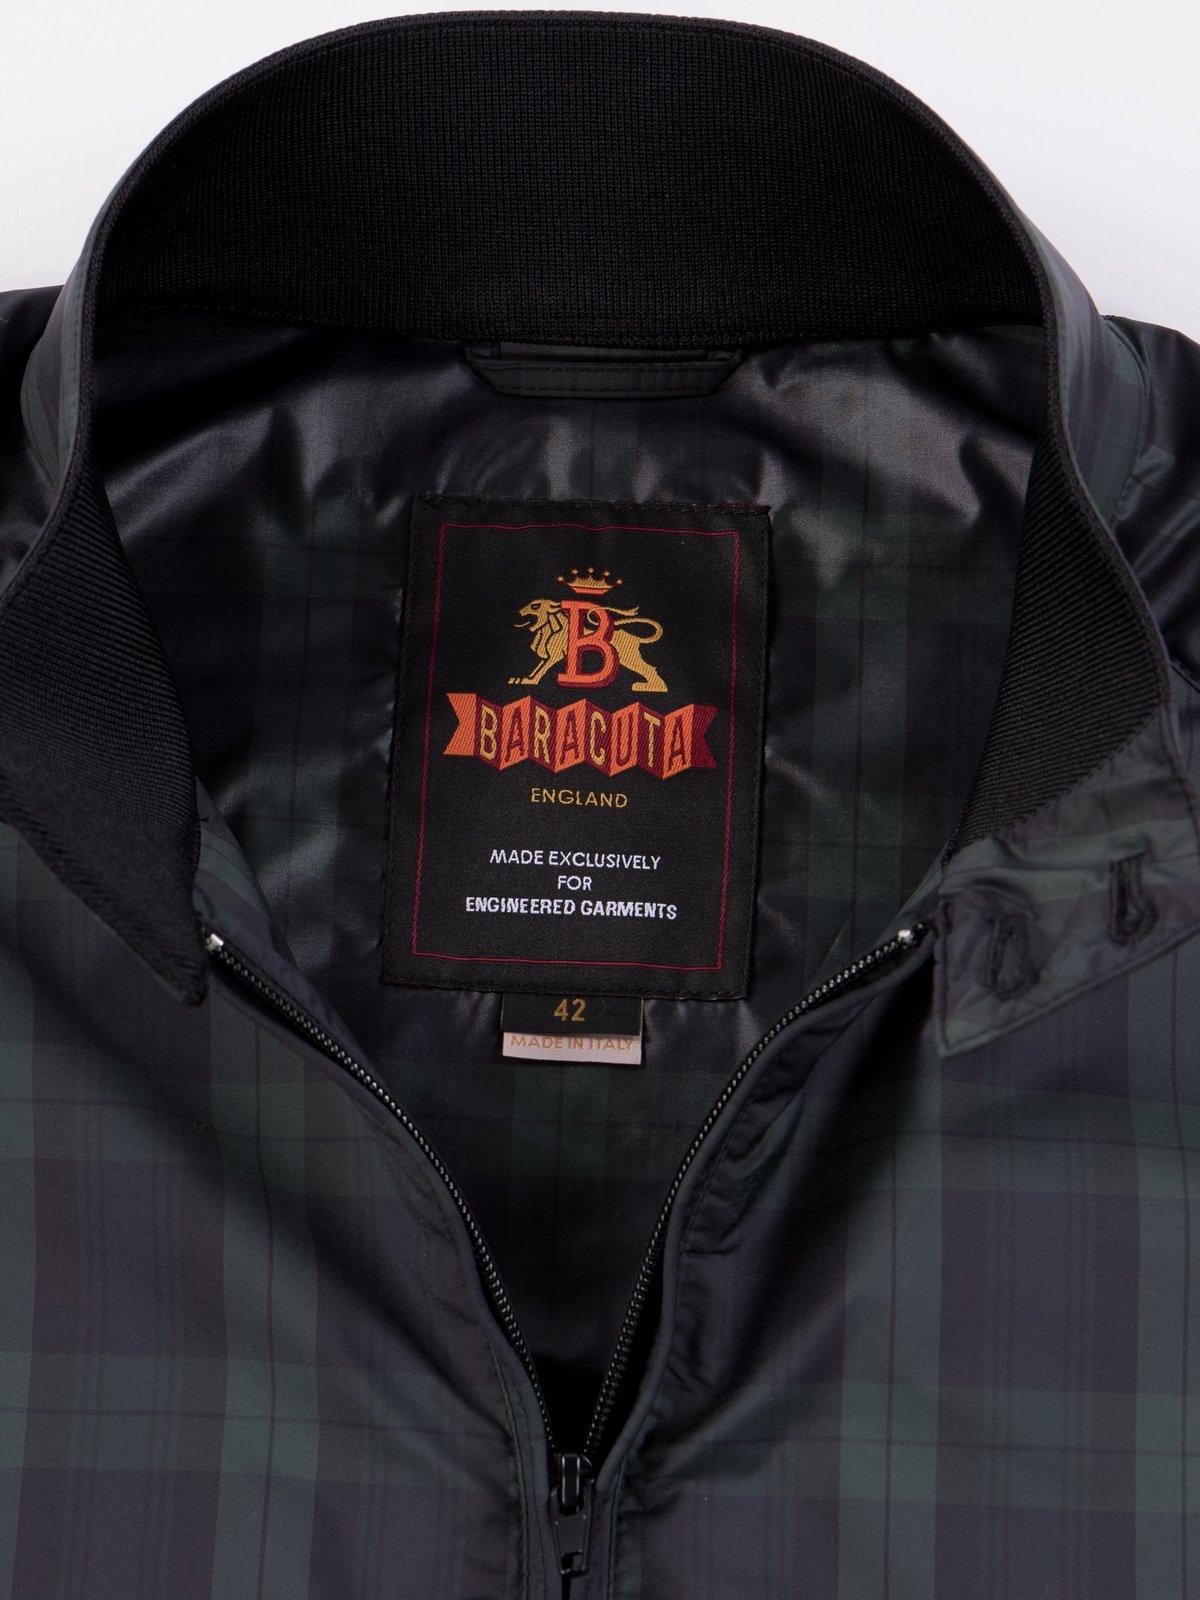 Blackwatch G9 EG Jacket - Image 5